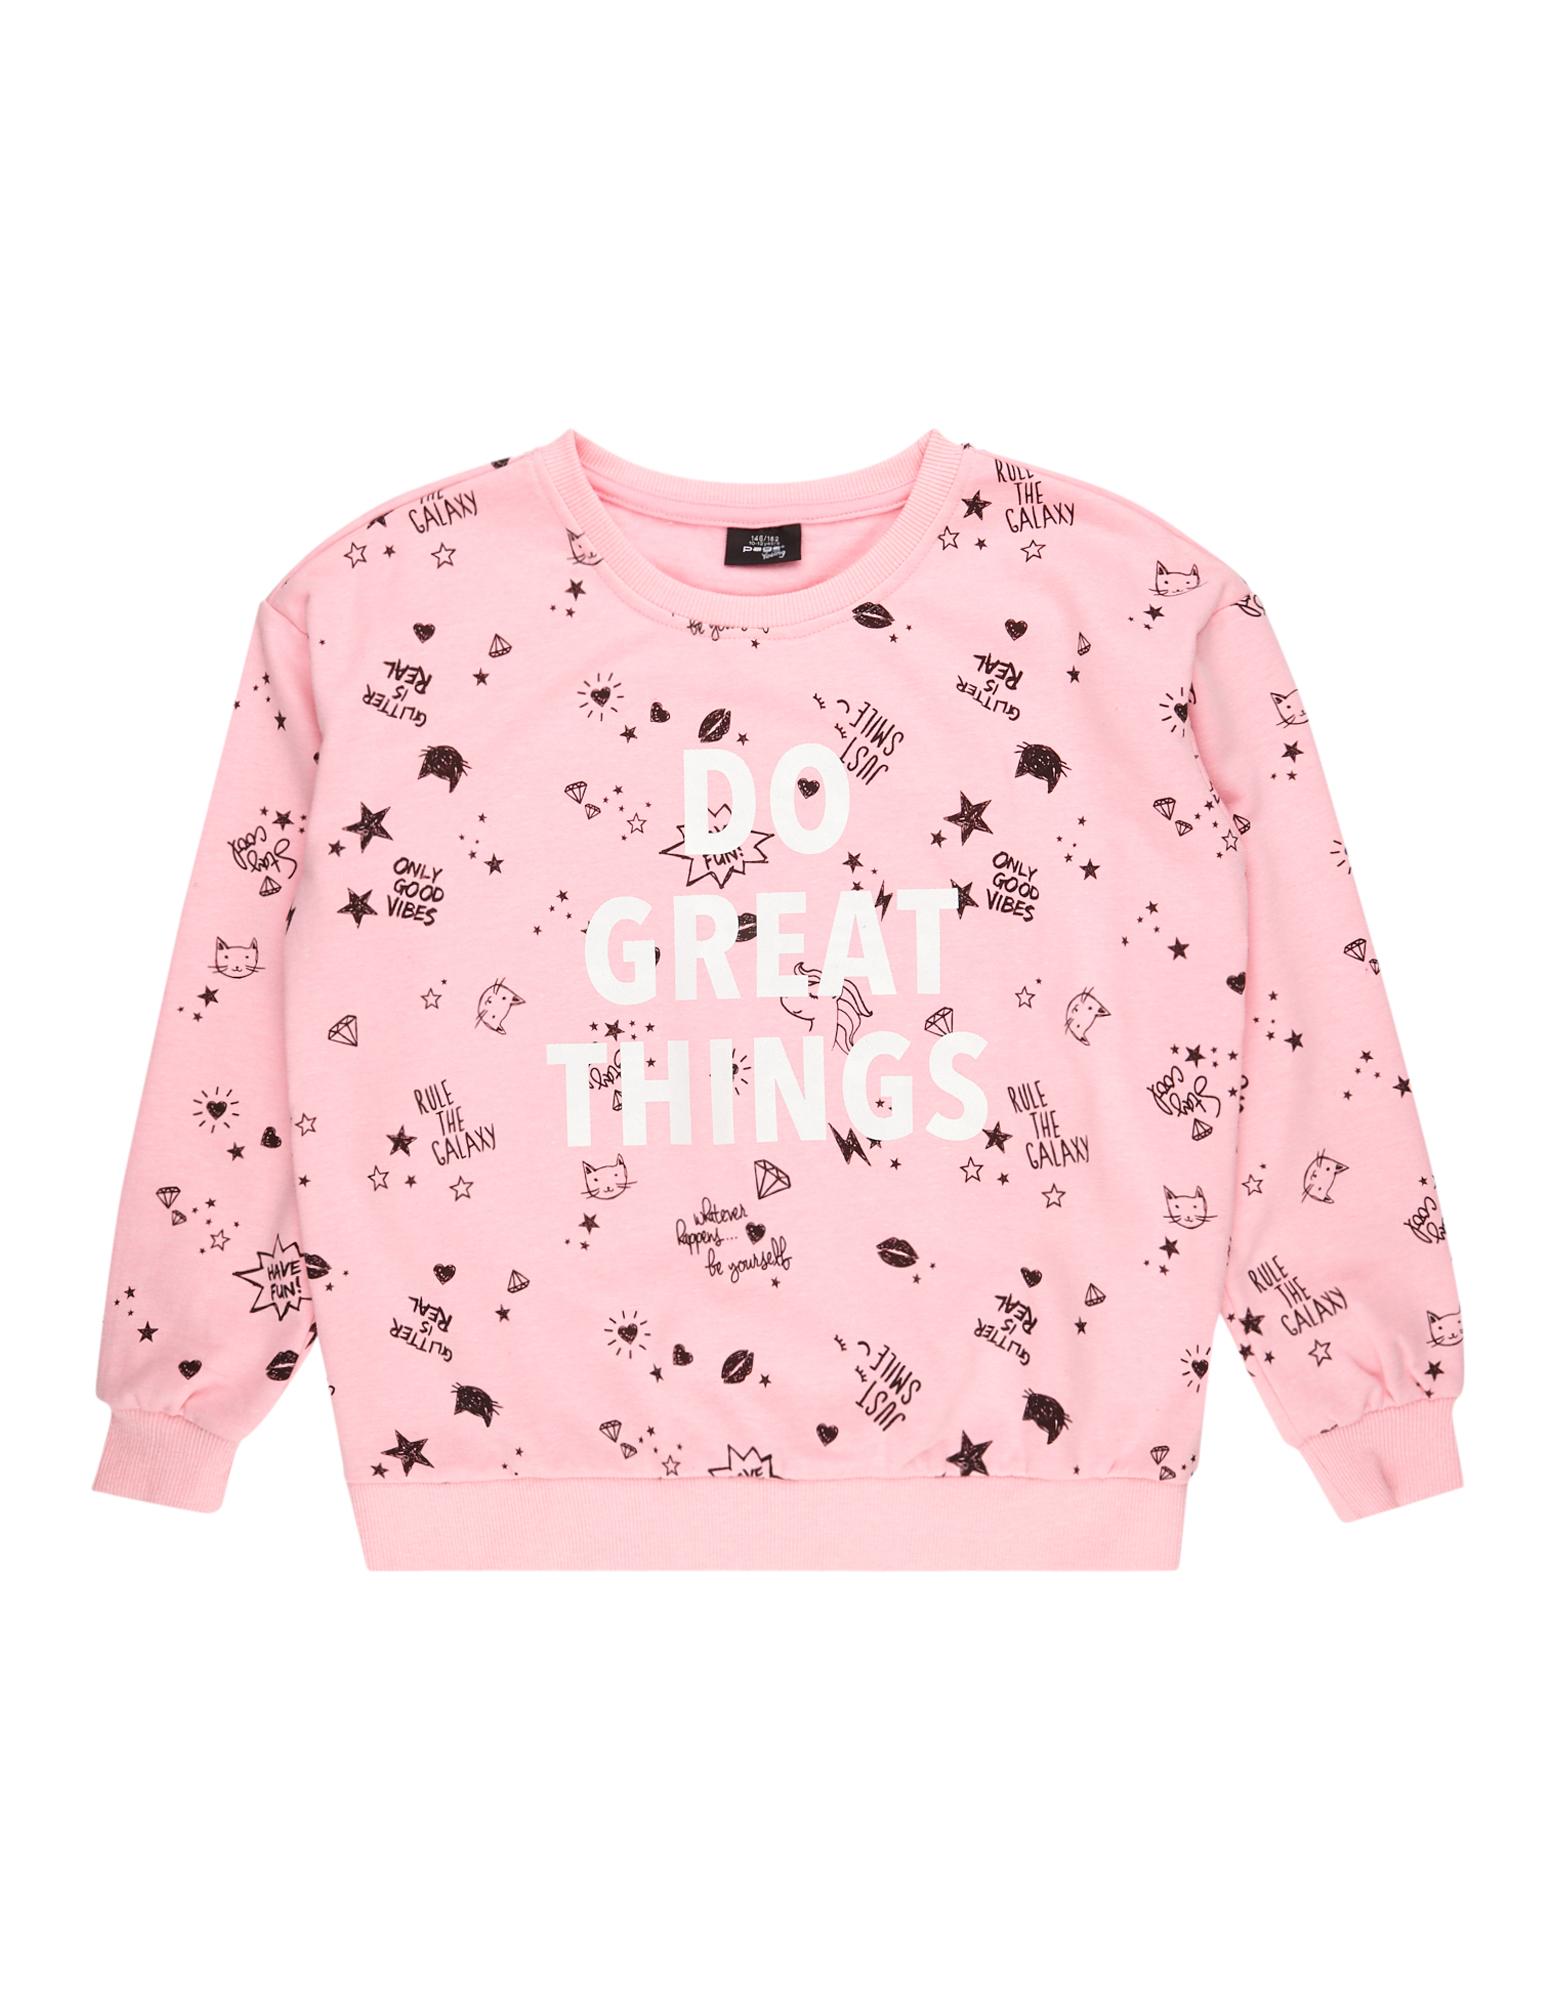 Mädchen Sweatshirt mit Allover-Print  | 81487964030109